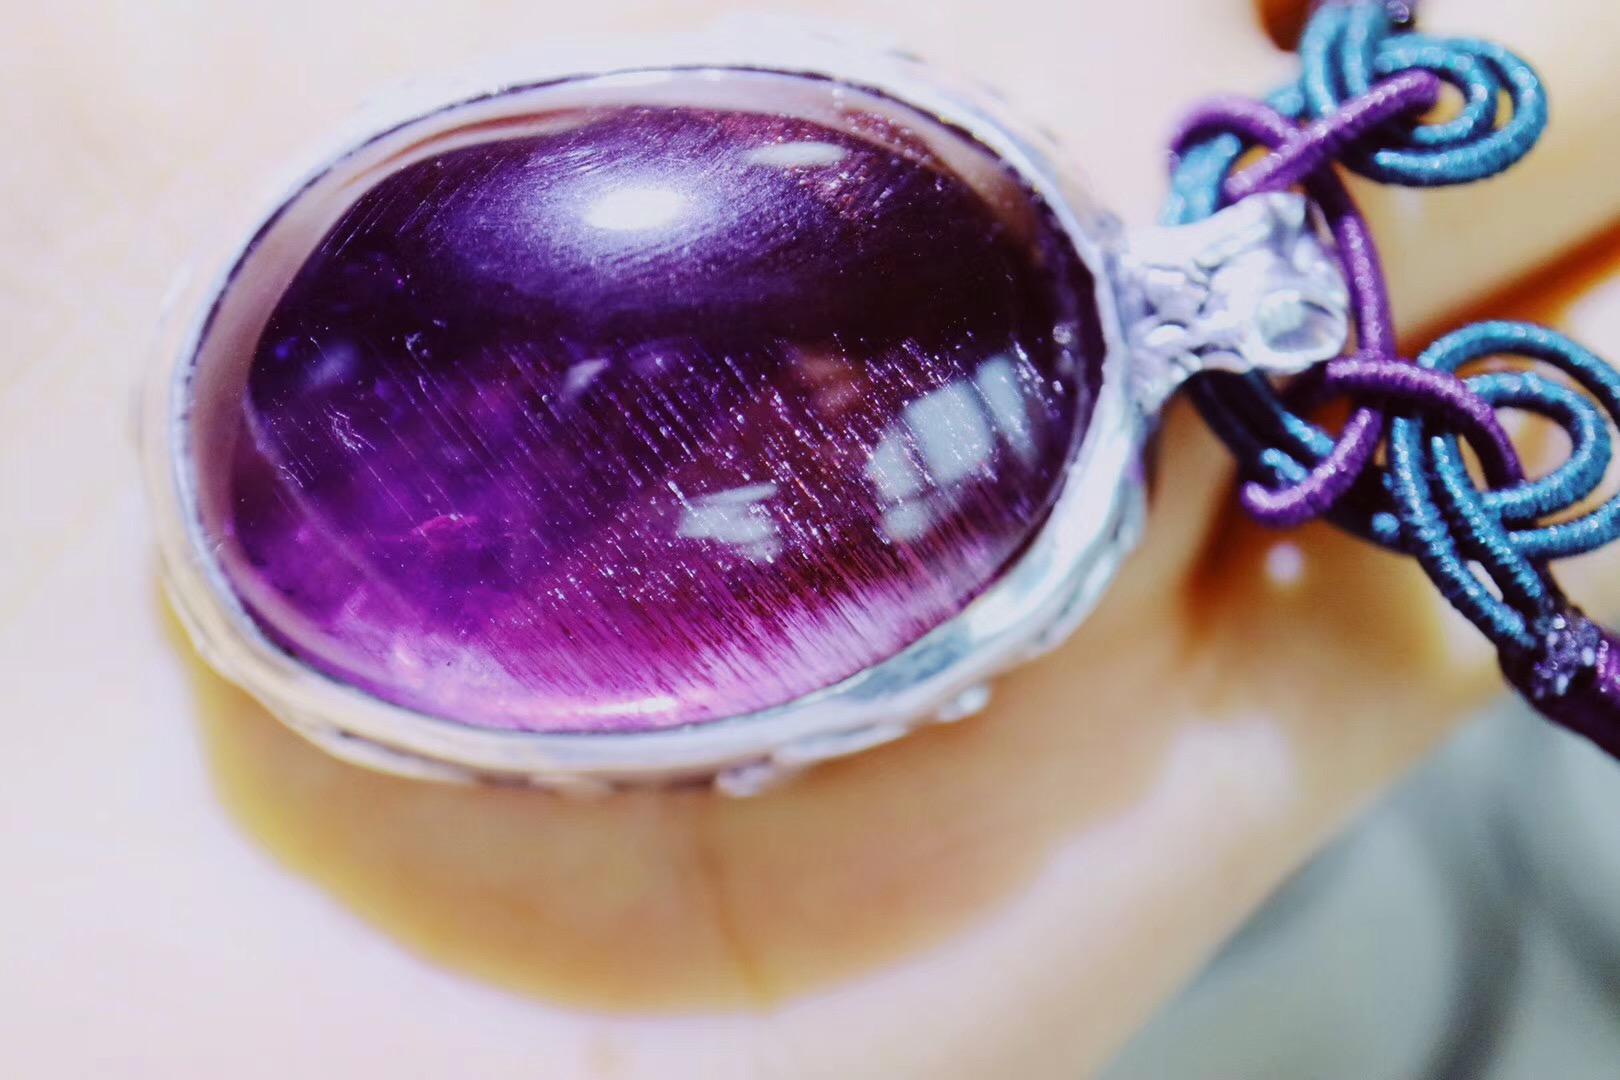 【菩心-紫发晶&捷克陨石】配合捷克陨石对晶石的净化和增大功效-菩心晶舍